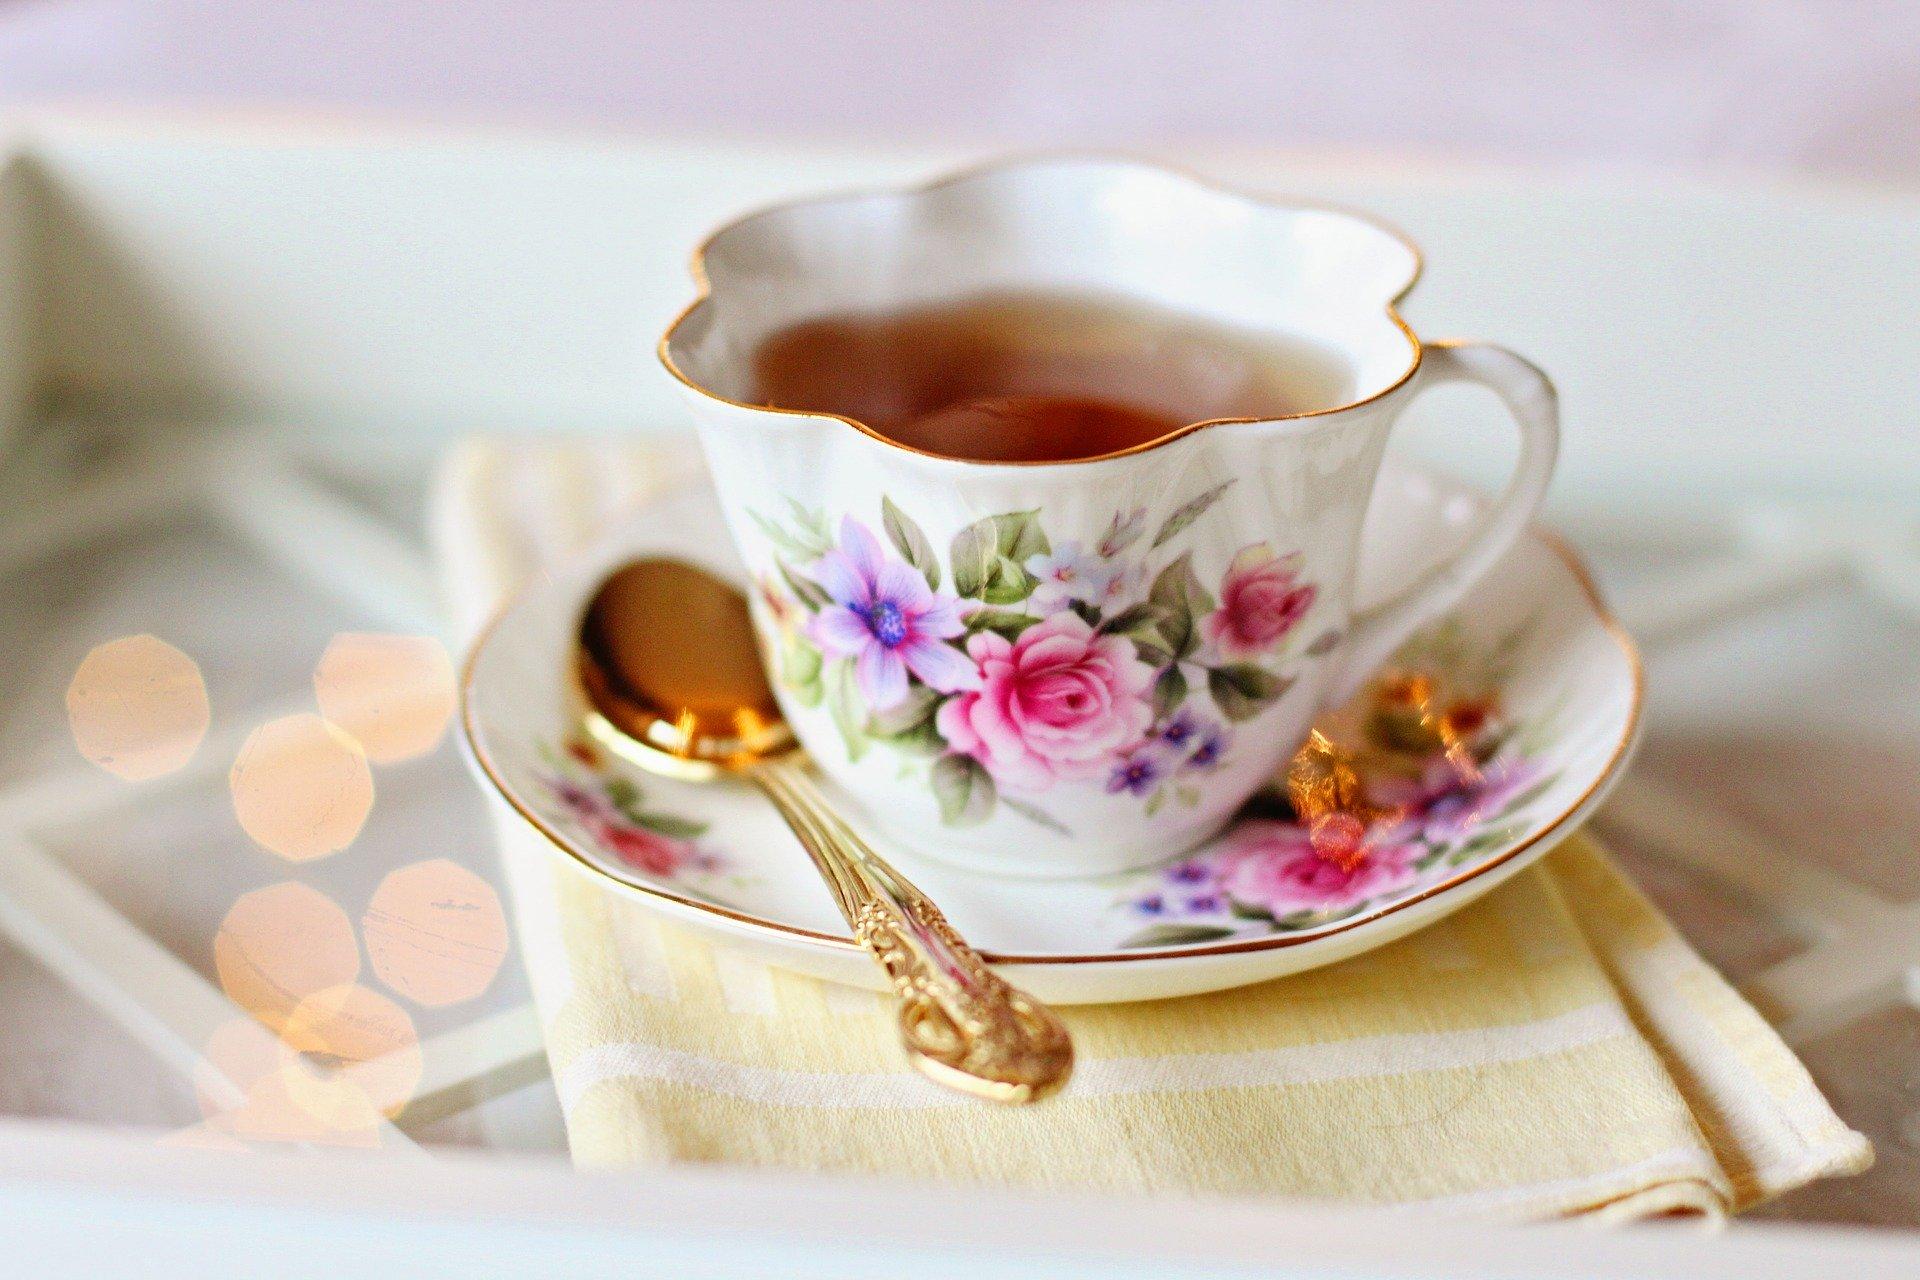 ティーカップに注がれた紅茶とソーサー